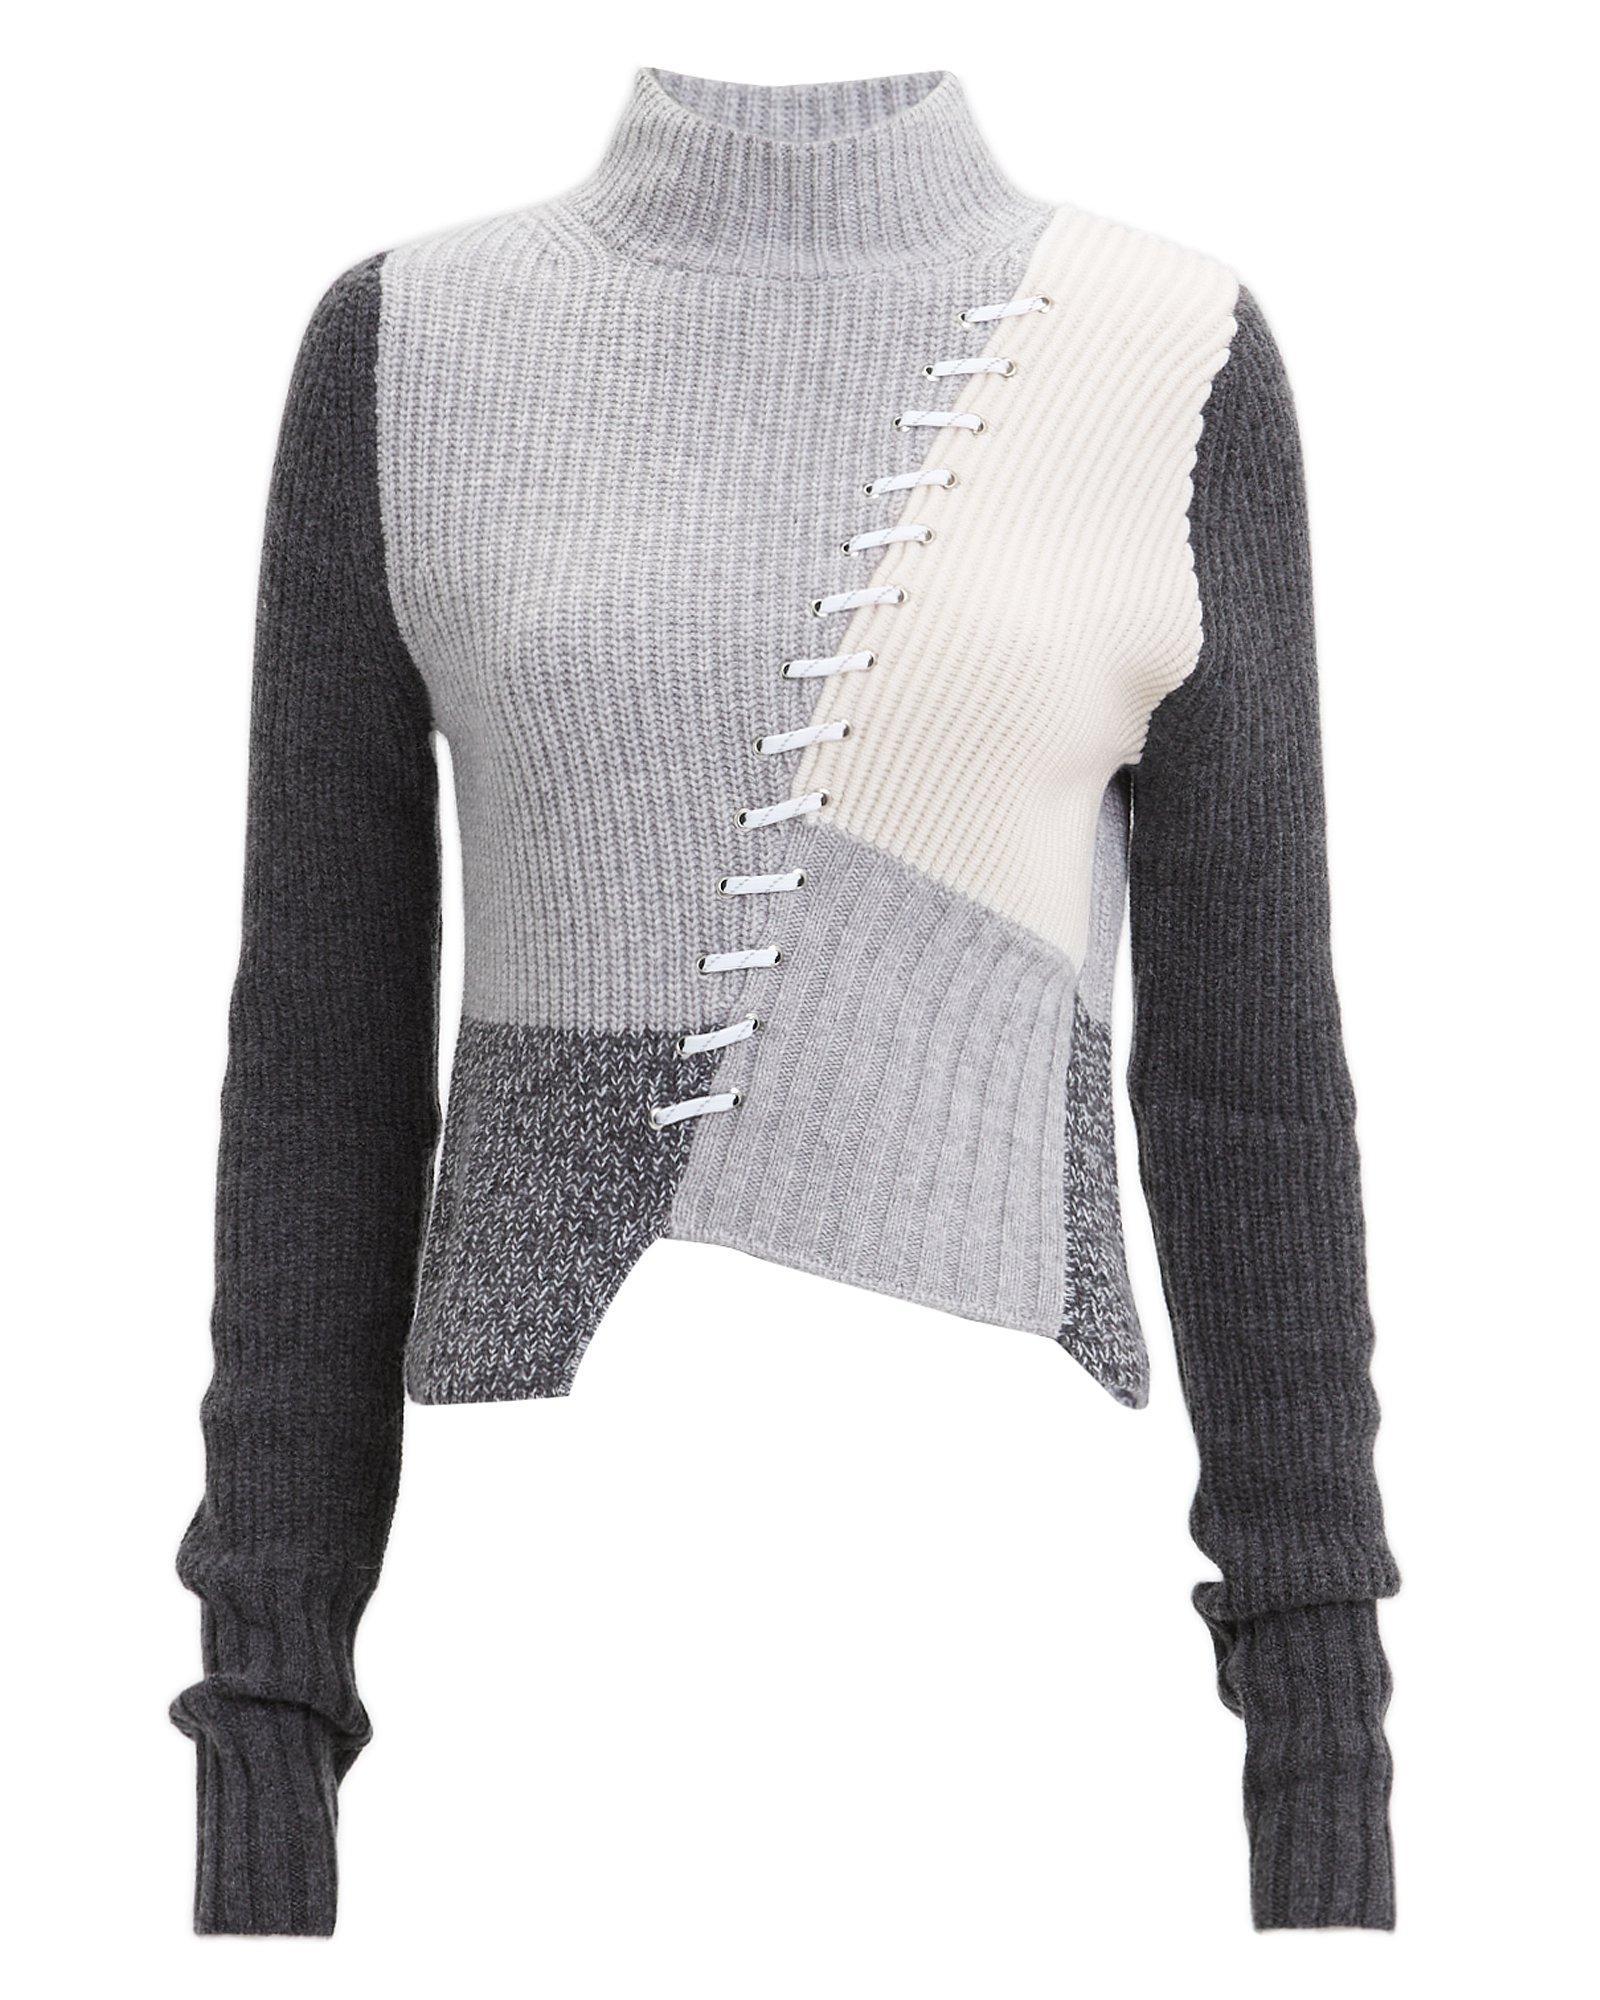 8e721ec9e858 Zoe Jordan - Gray Kelly Colorblock Lace Sweater - Lyst. View fullscreen